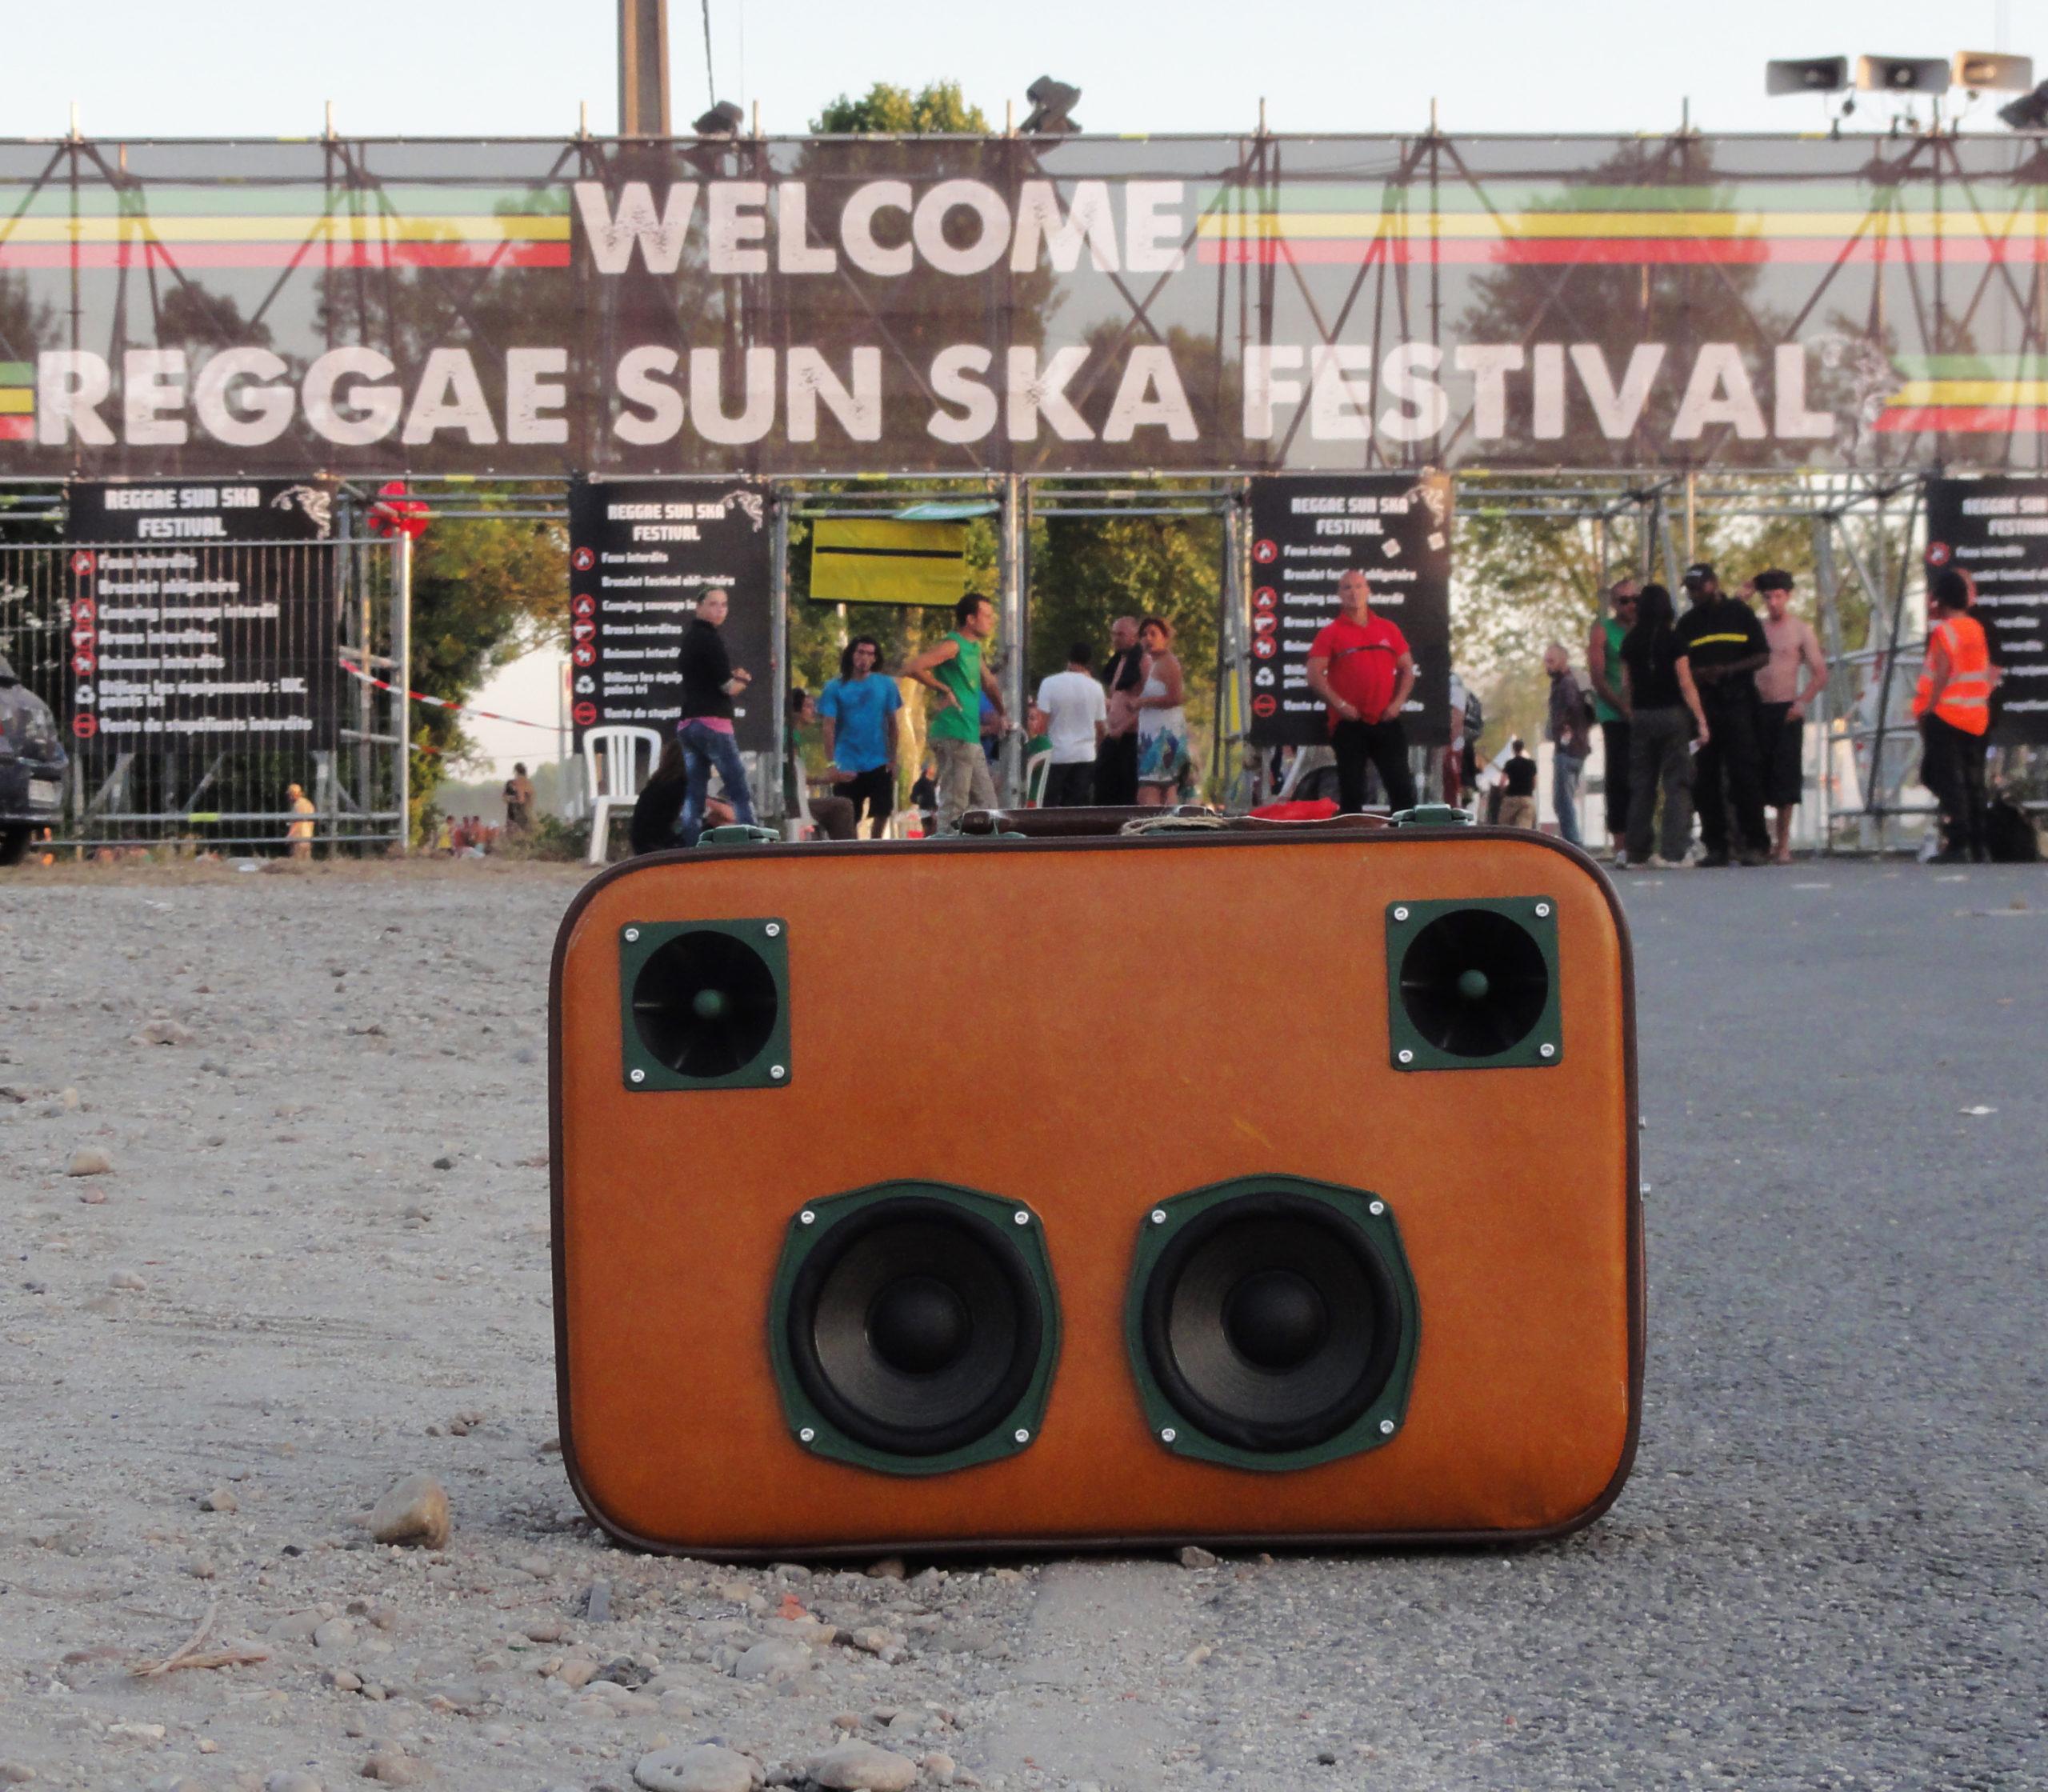 Valise Musicale au Reggae Sun Ska 2013